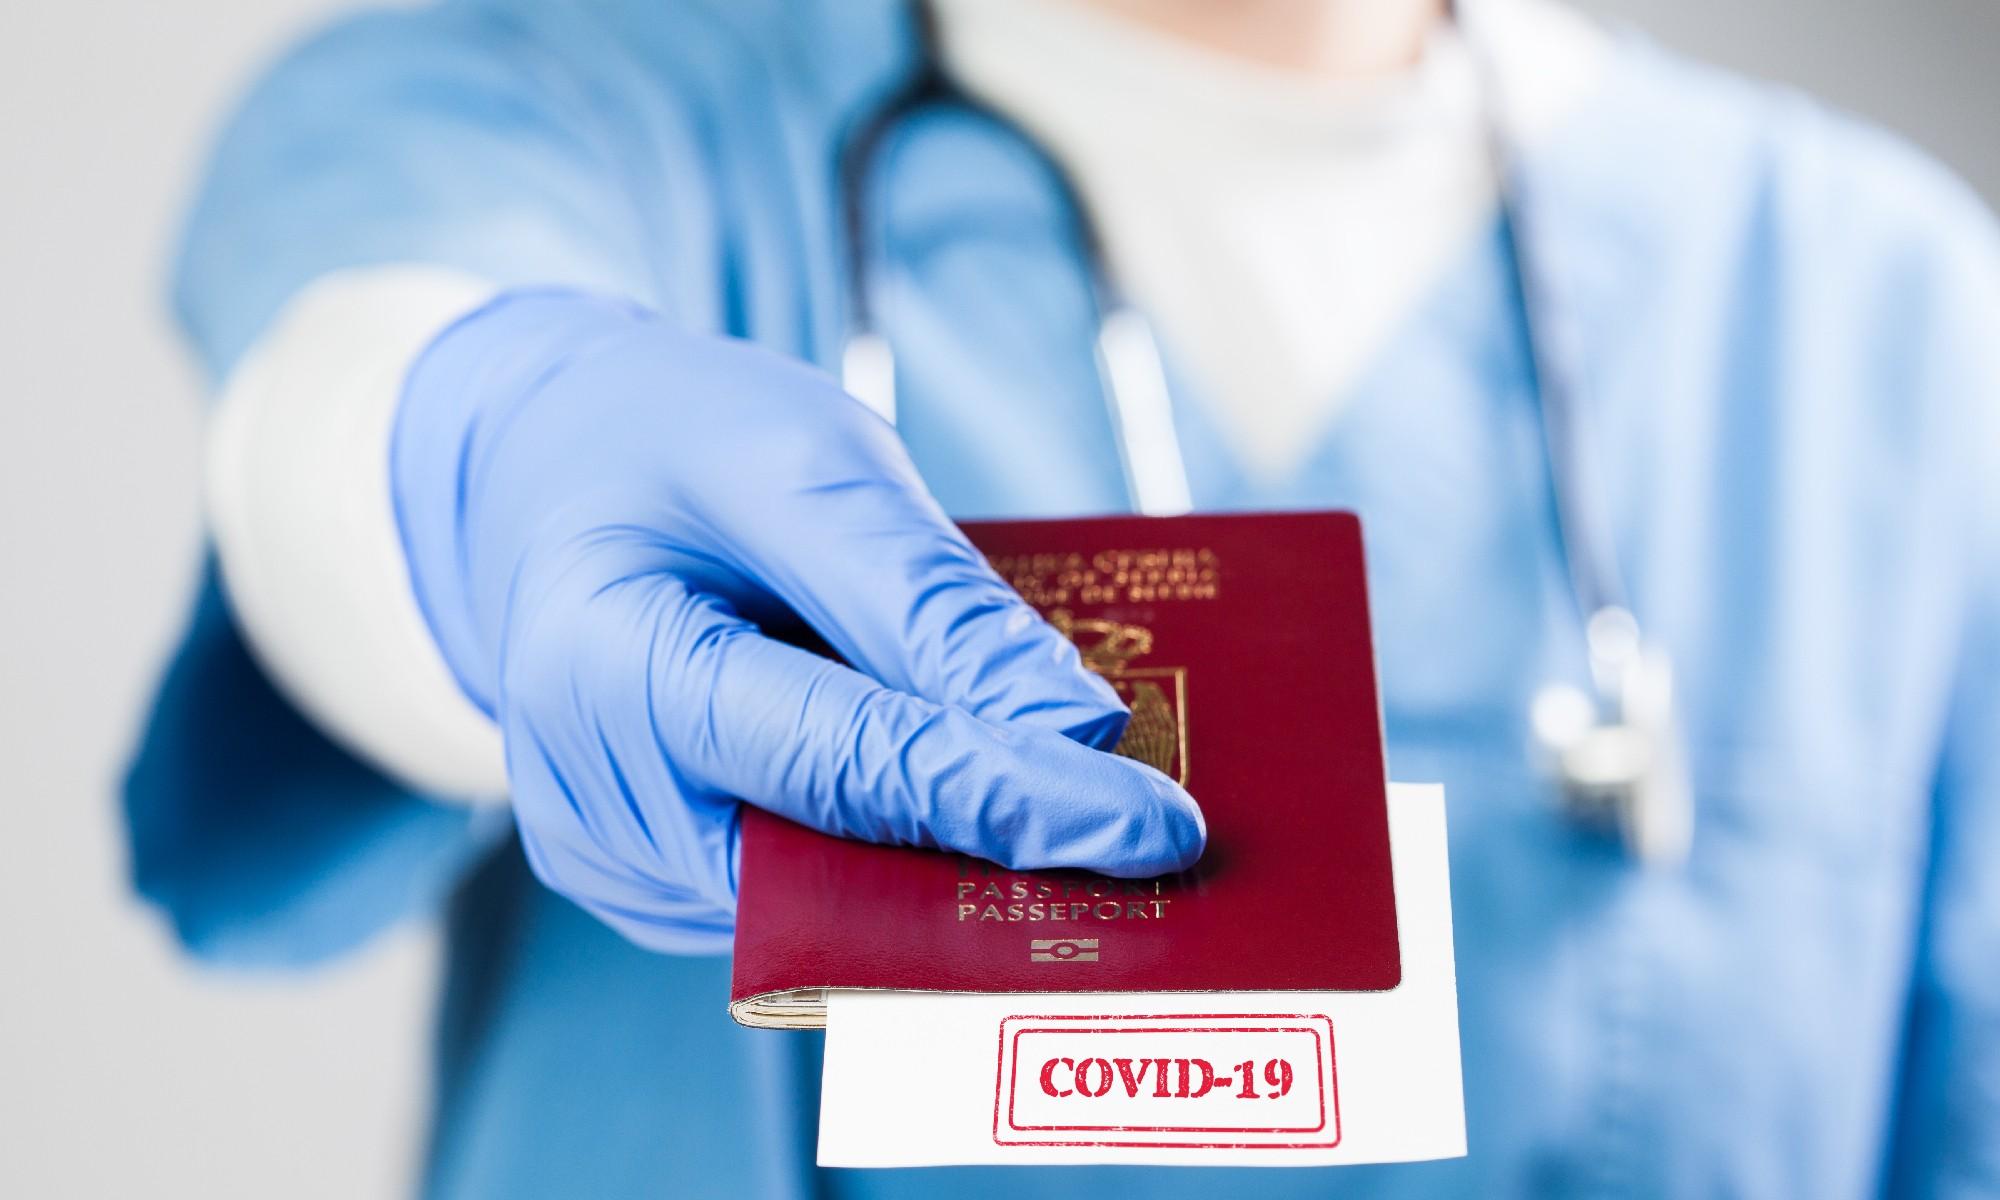 Les certificats sanitaires : les exemples islandais et israéliens